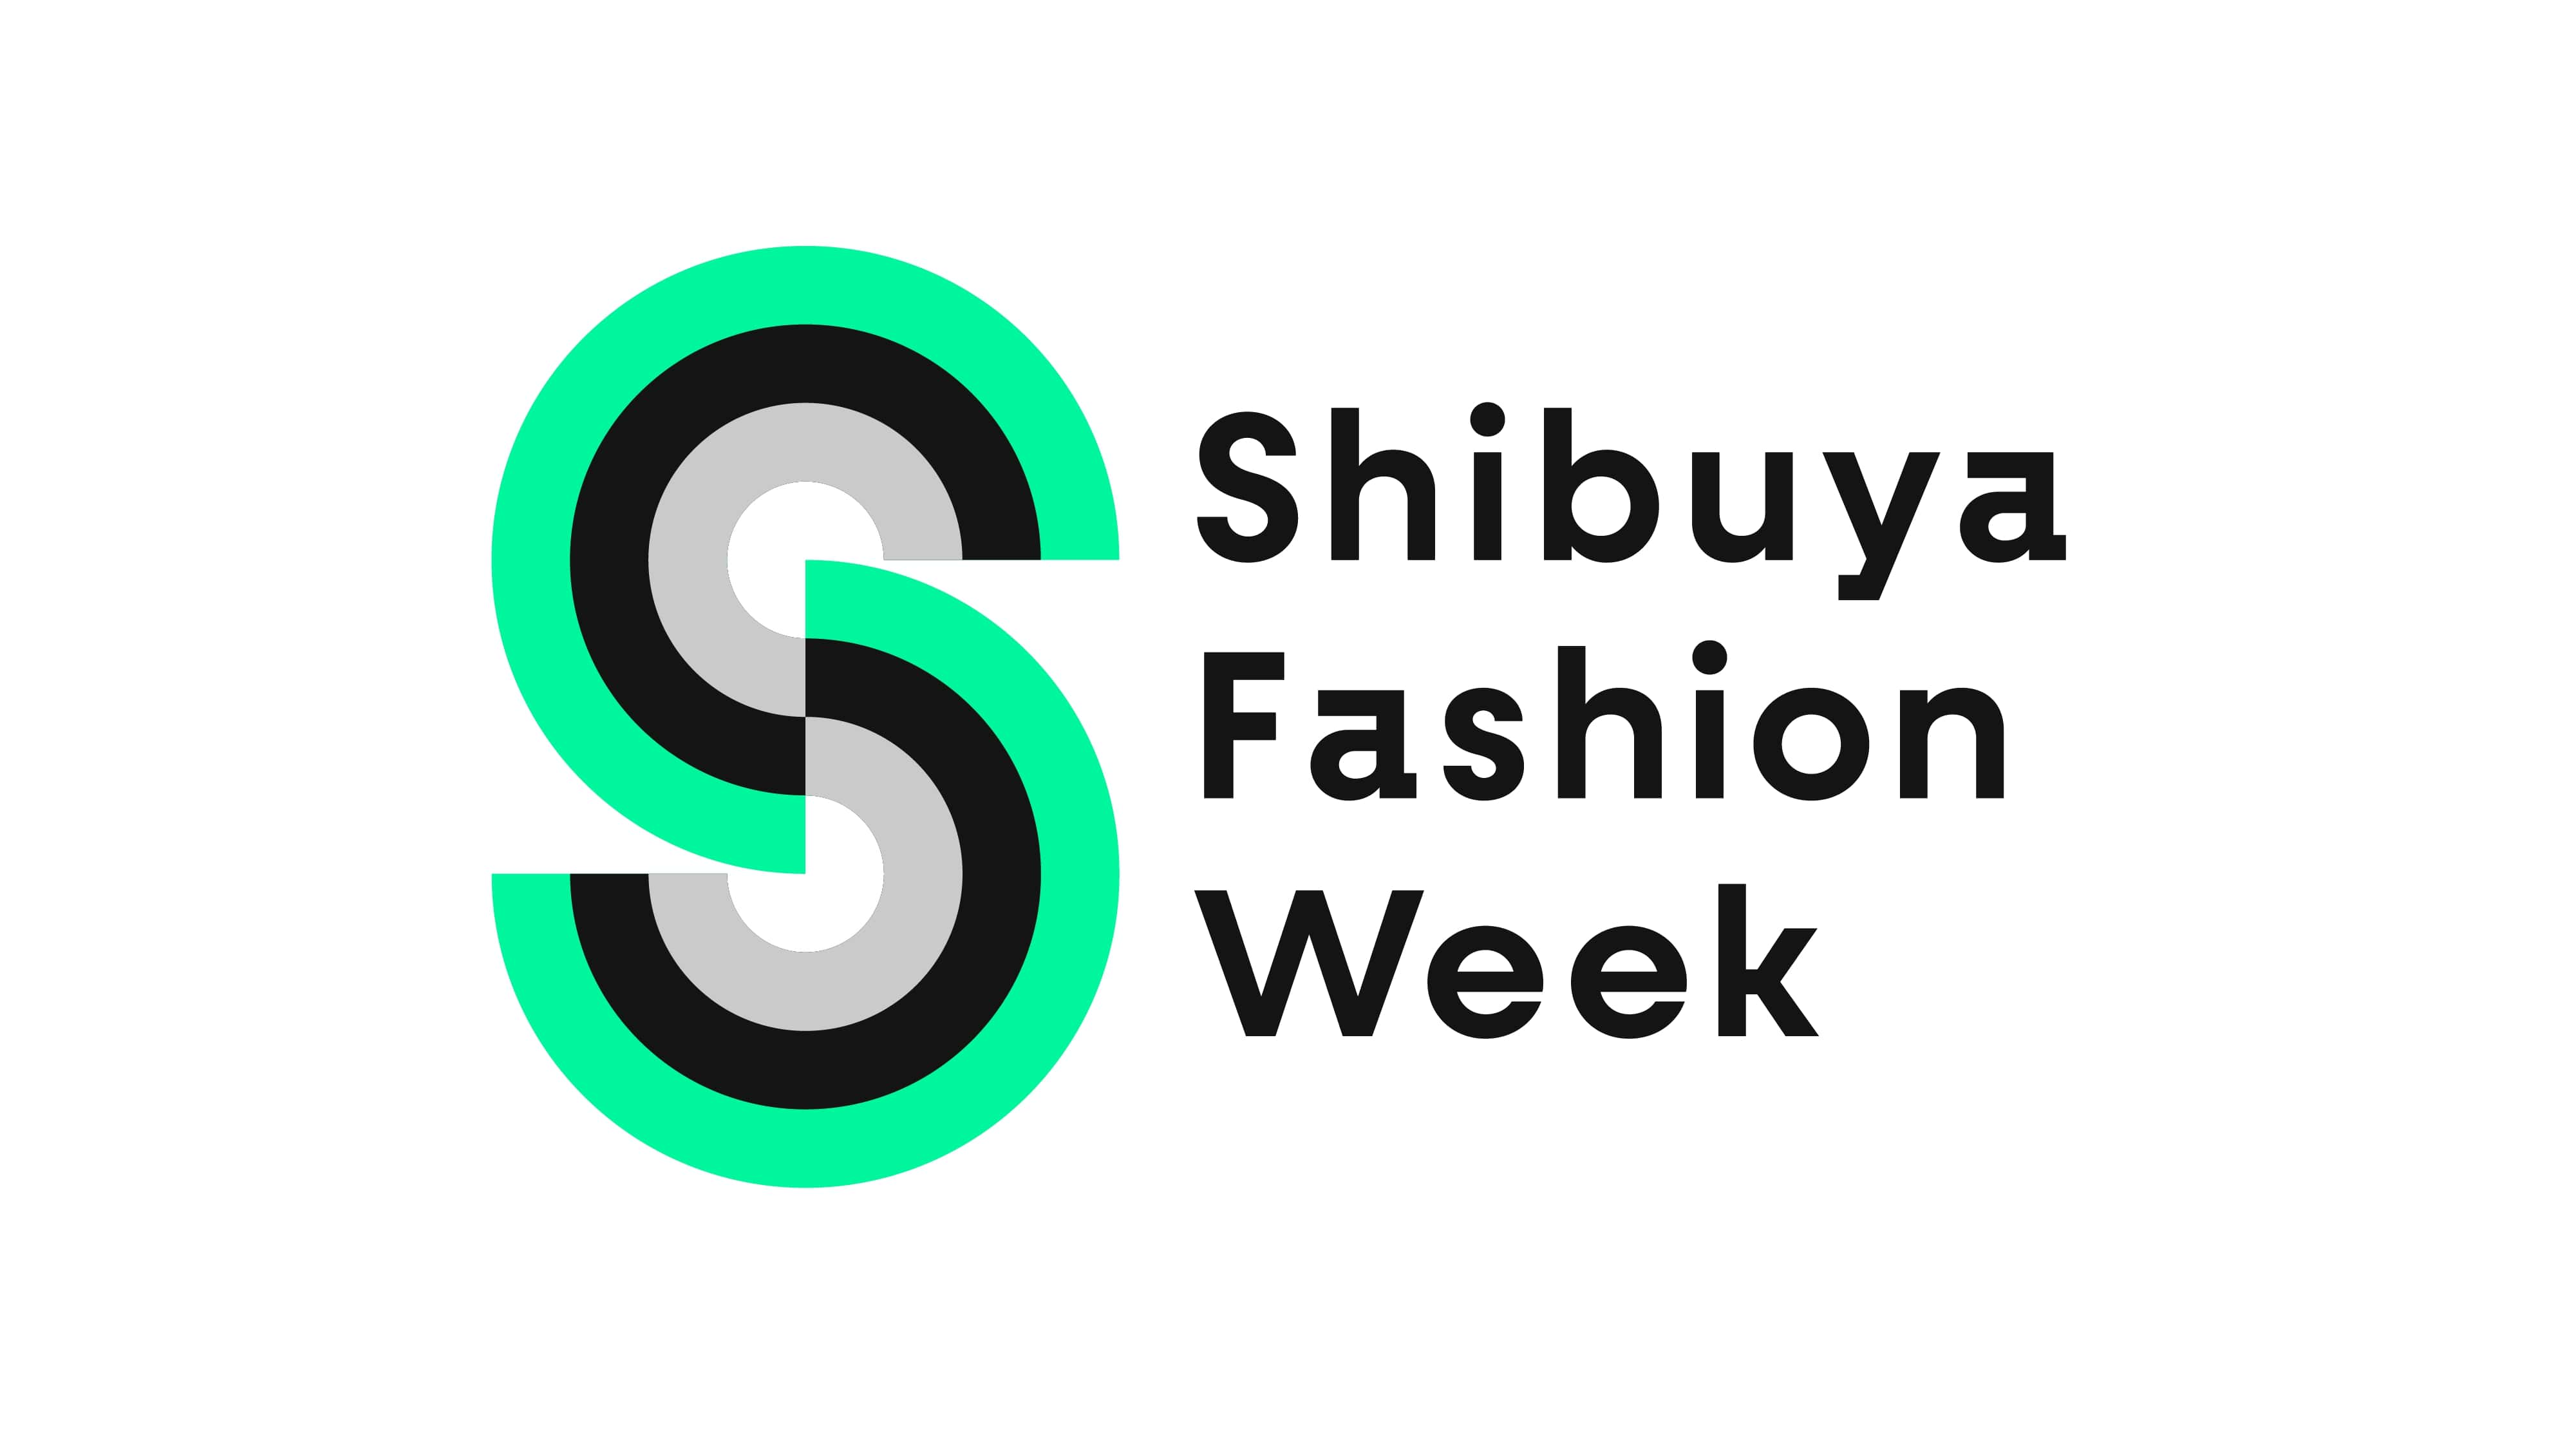 「第13回 渋谷ファッションウイーク」 は、充実したコンテンツで渋⾕の街からアートとファッションを発信